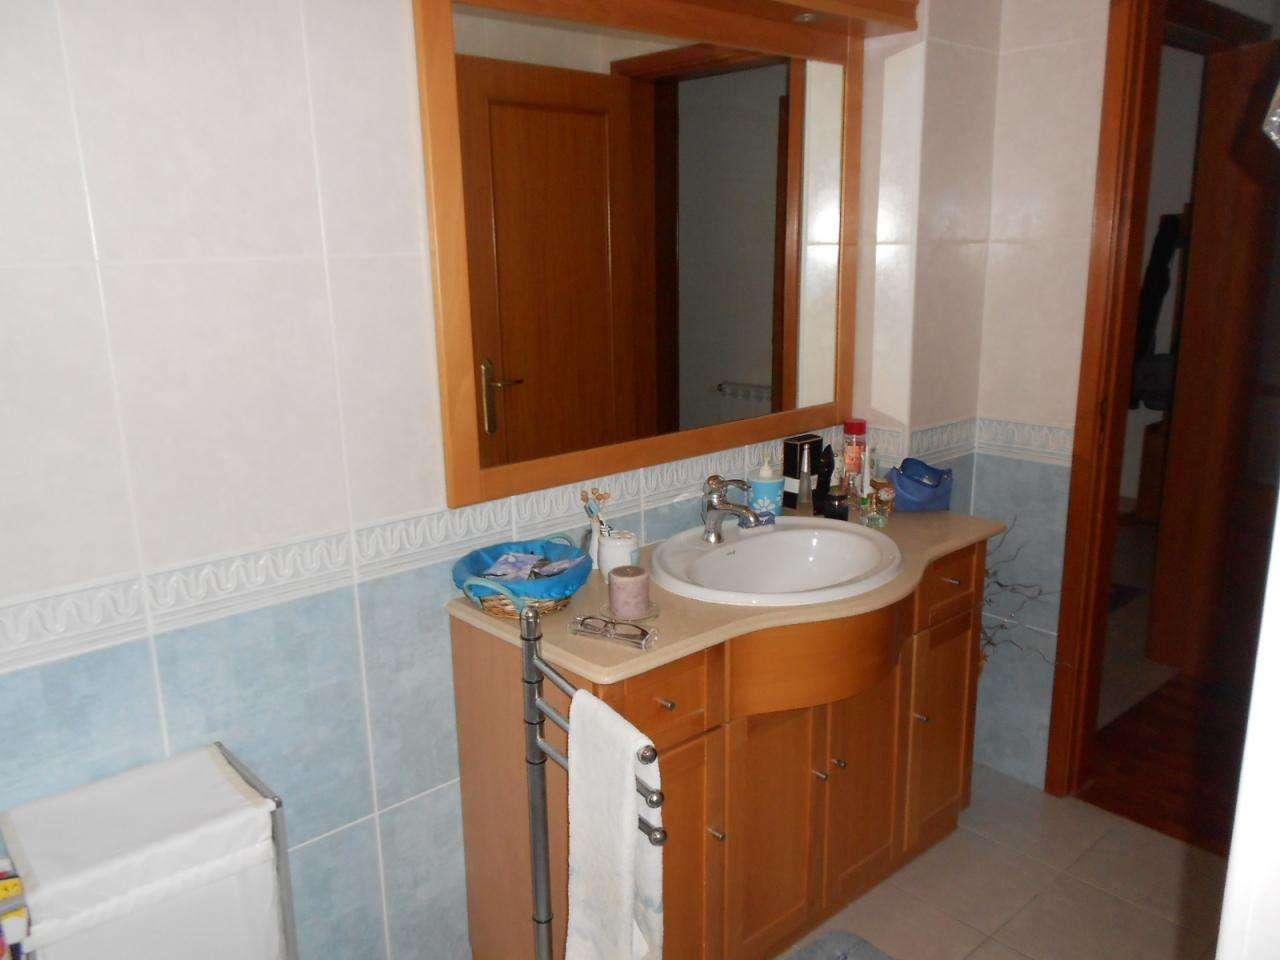 Apartamento para comprar, Tavarede, Figueira da Foz, Coimbra - Foto 7